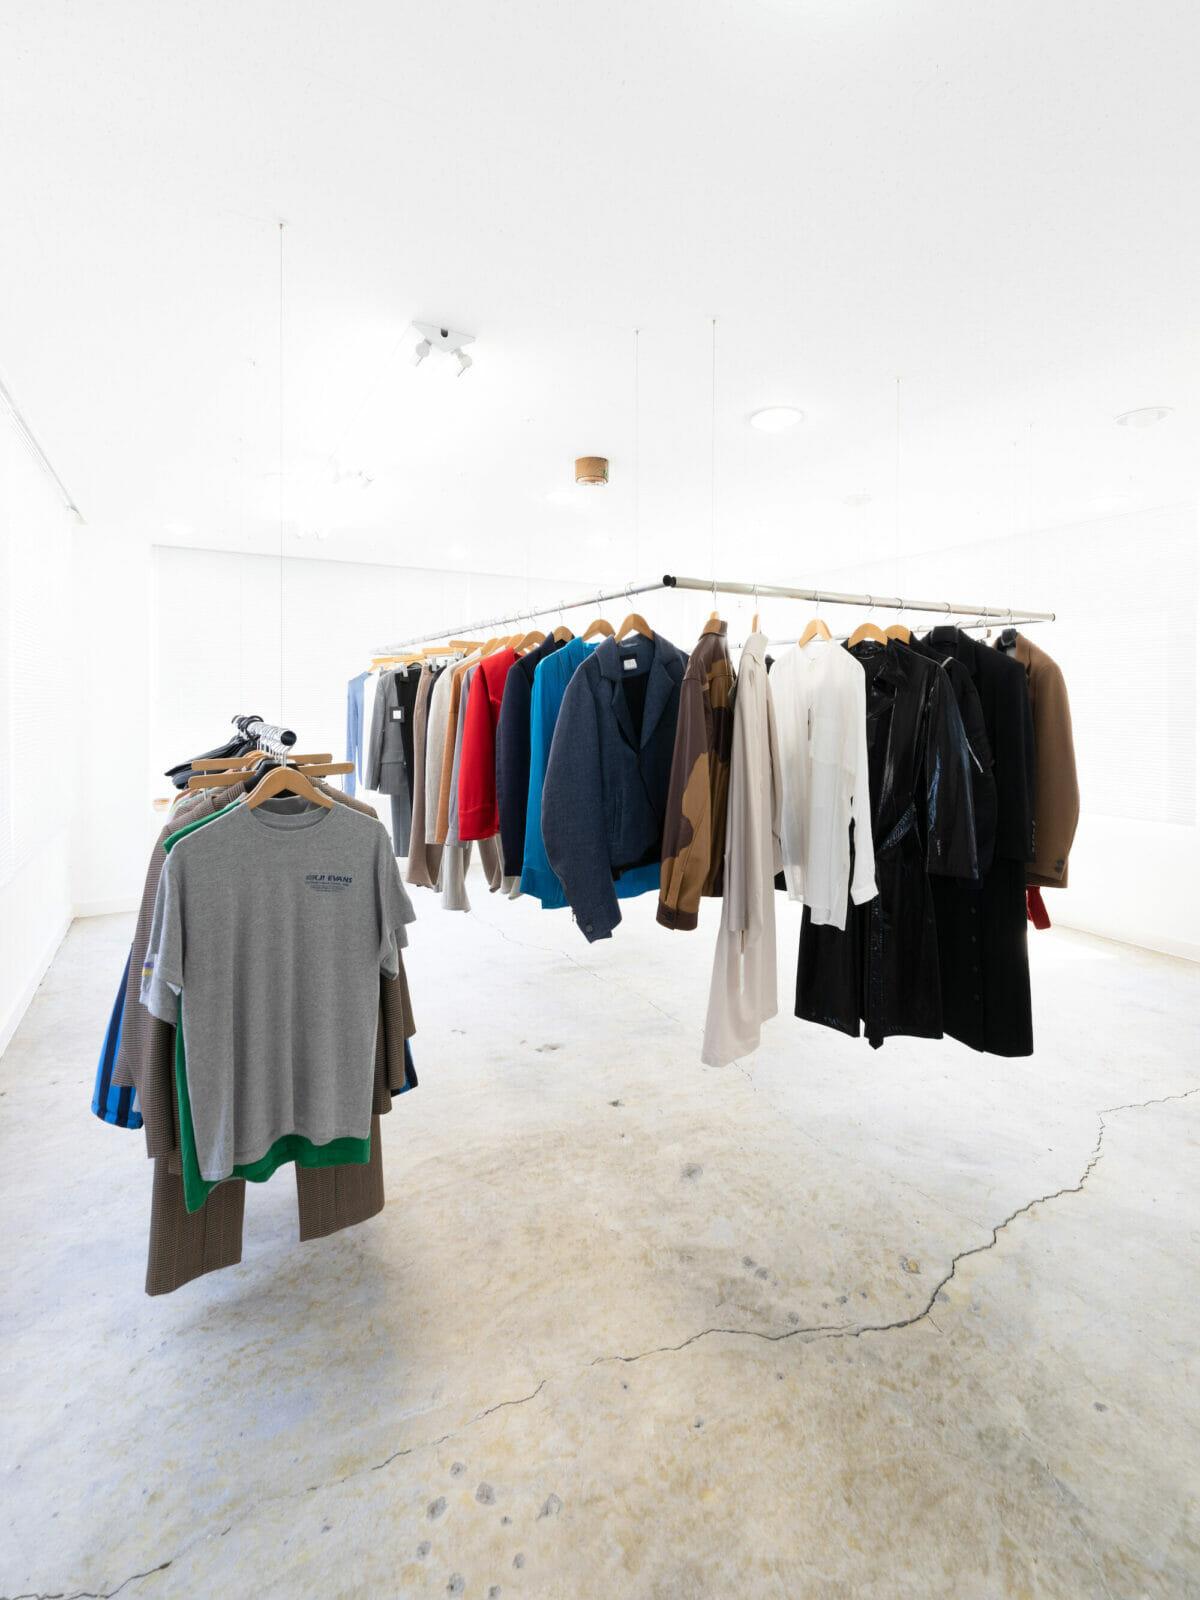 セール品や古着などで構成された3階フロア。ポールの配置だけが2階とは異なる形状に。